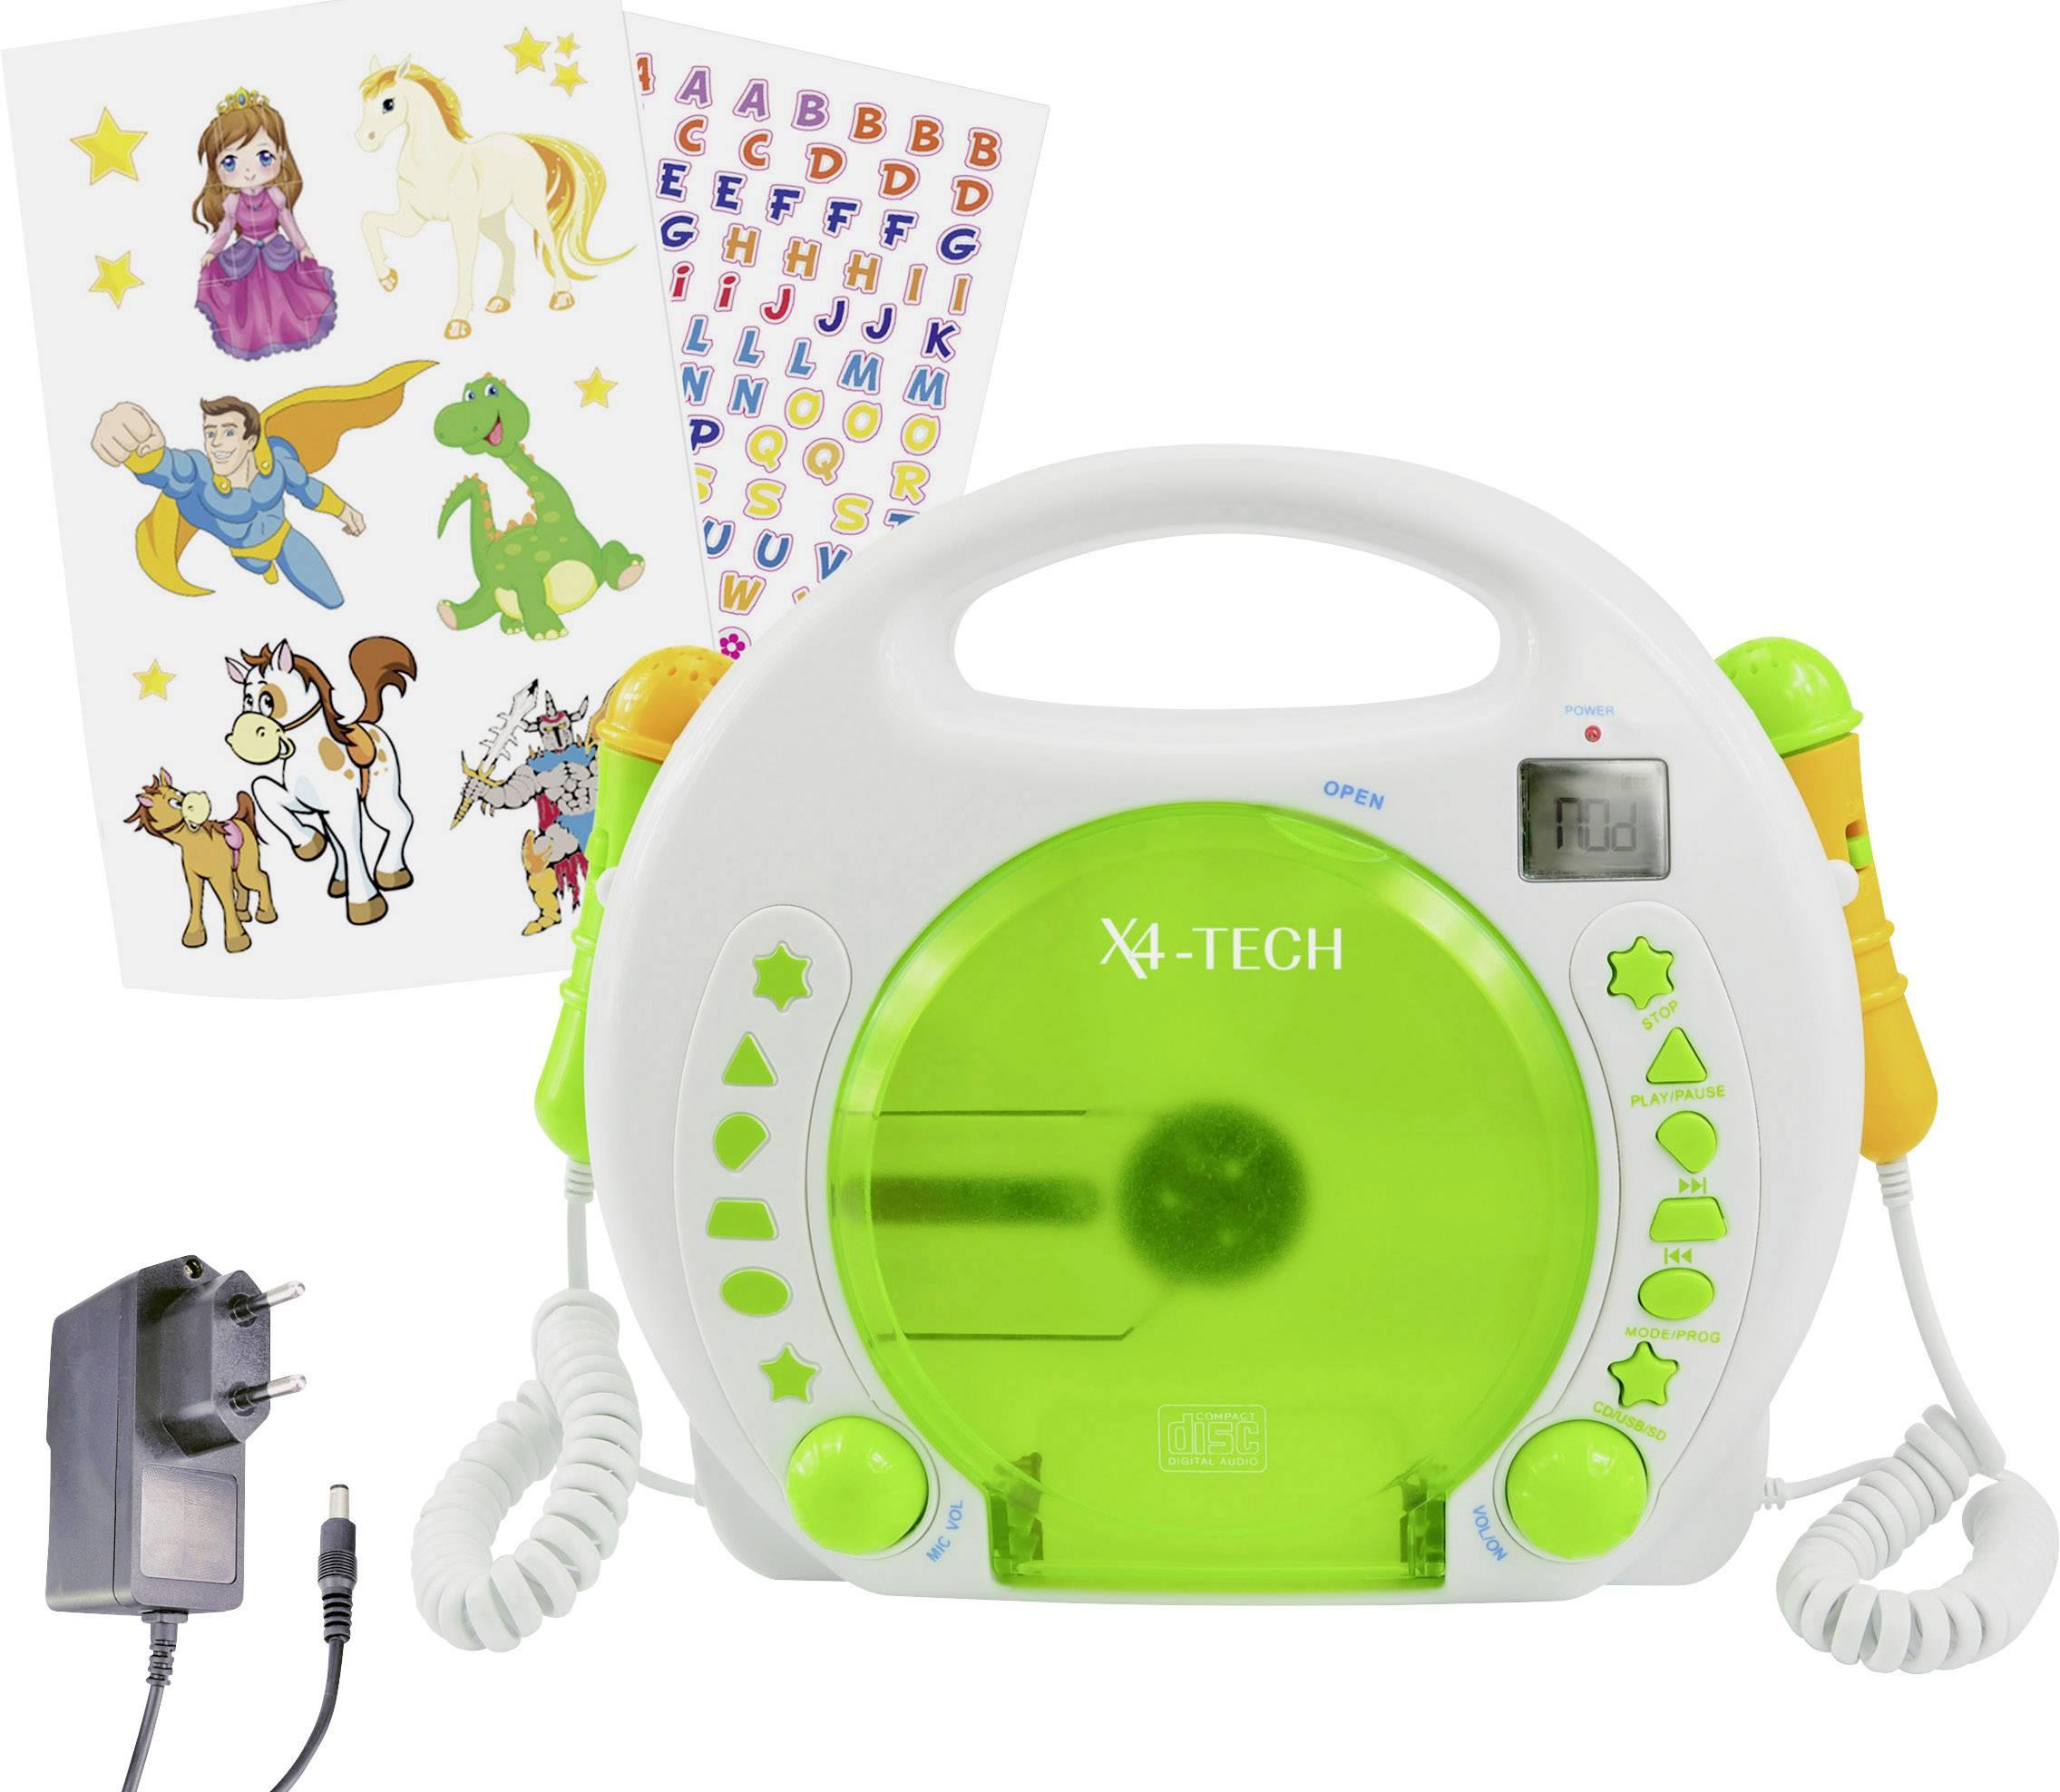 Dětský CD přehrávač X4 Tech Bobby Joey CD, SD, USB vč. karaoke, včetně mikrofonu, bílá, zelená